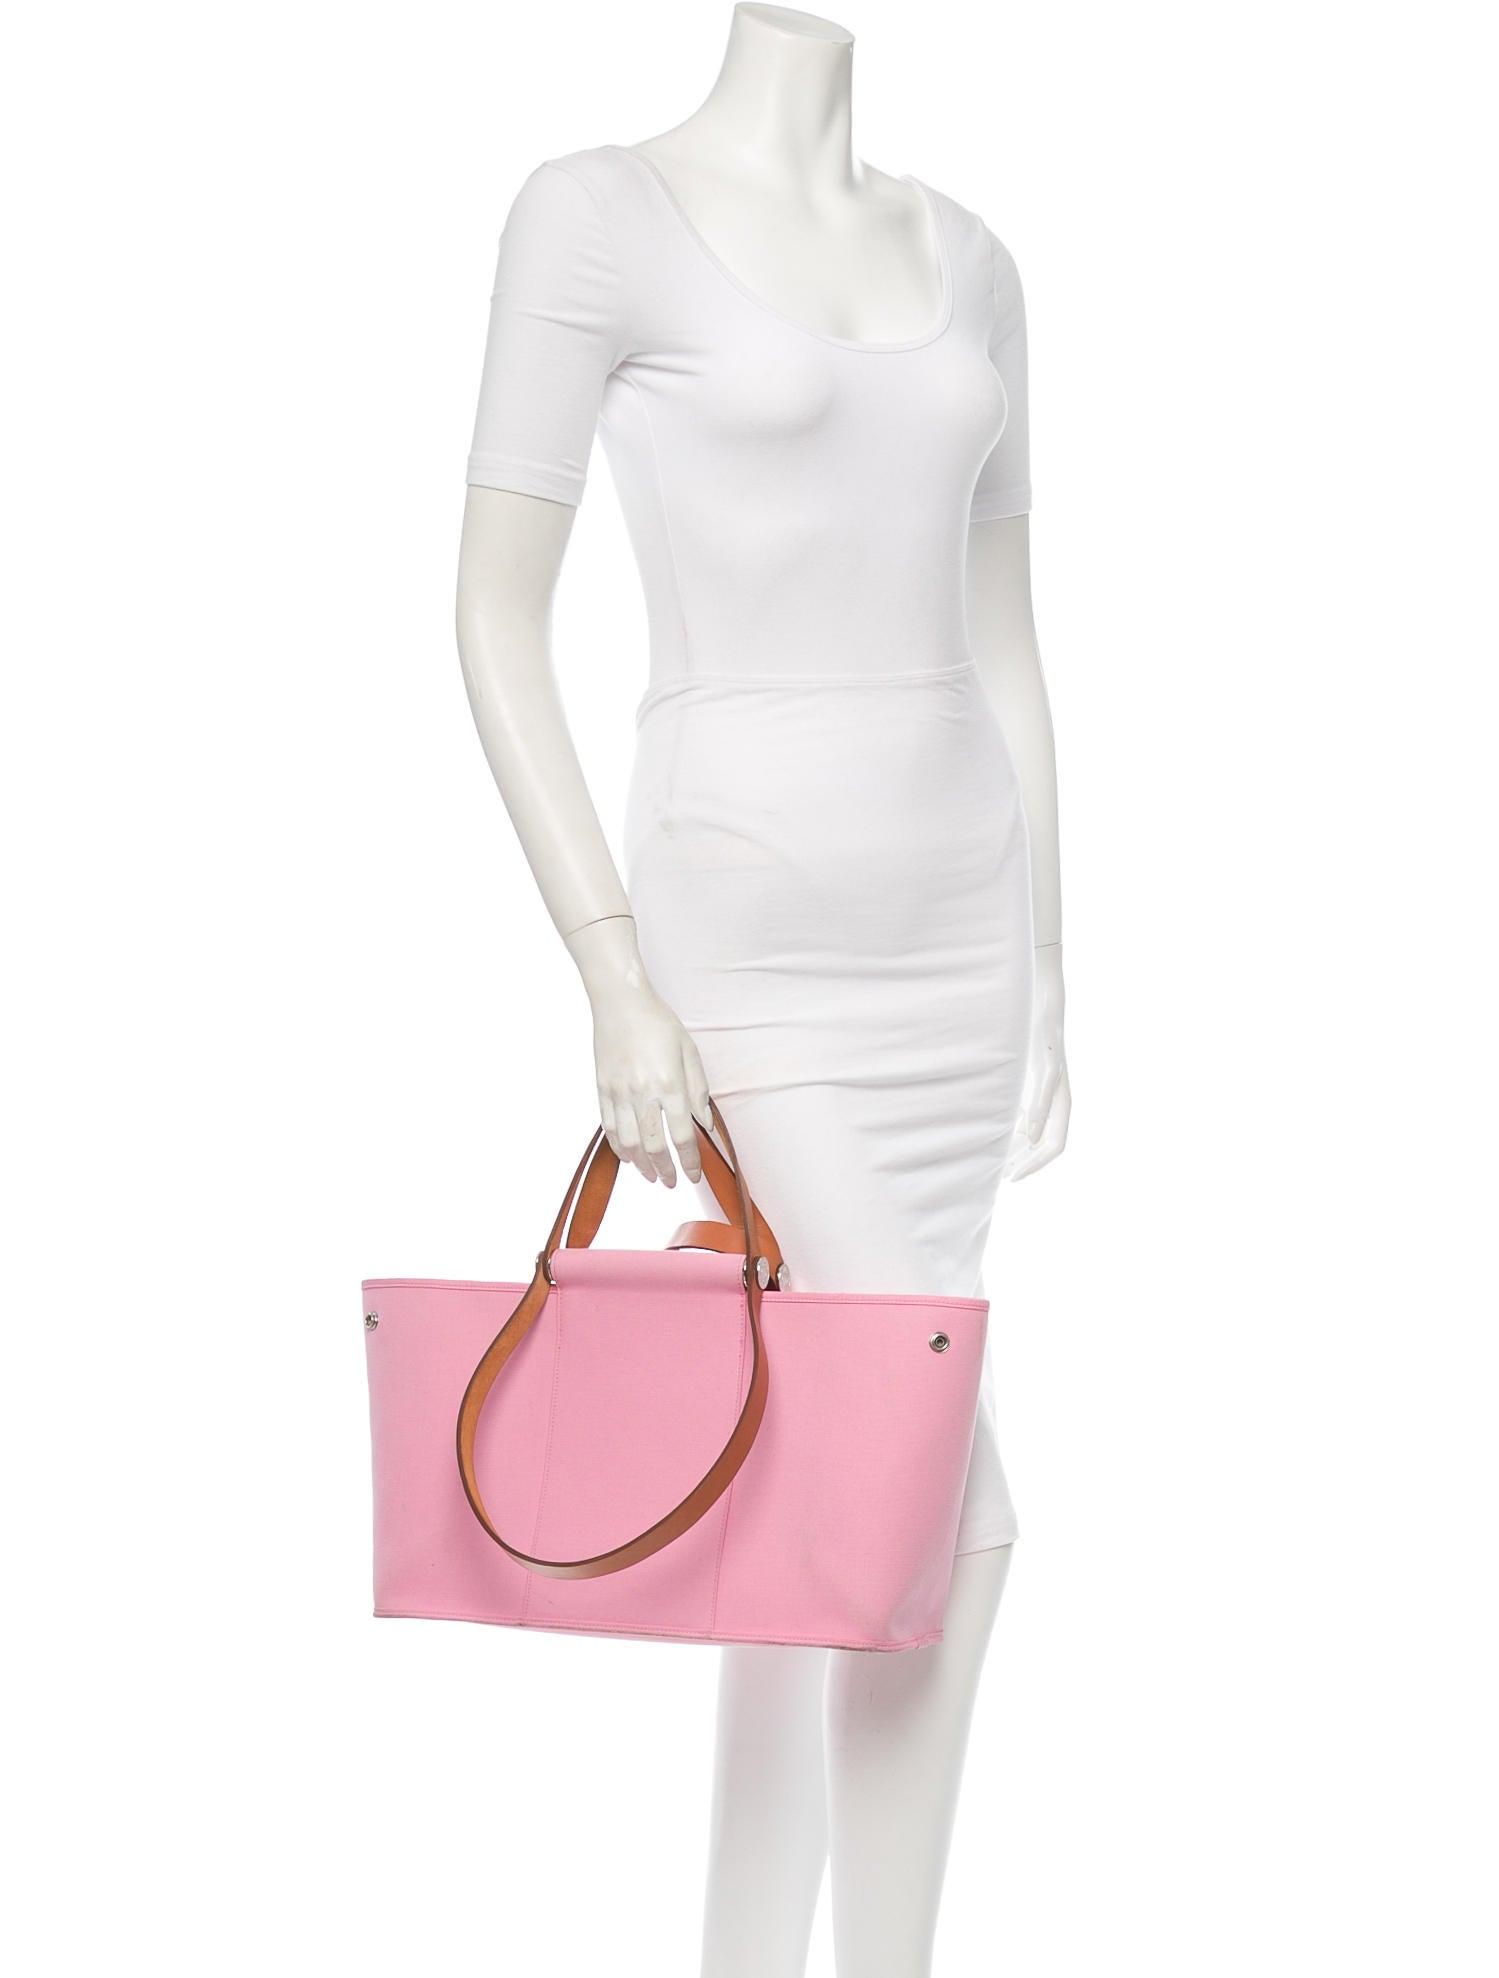 fake birkin bag - hermes pink canvas cabas elan top leather handle shoulder tote bag ...